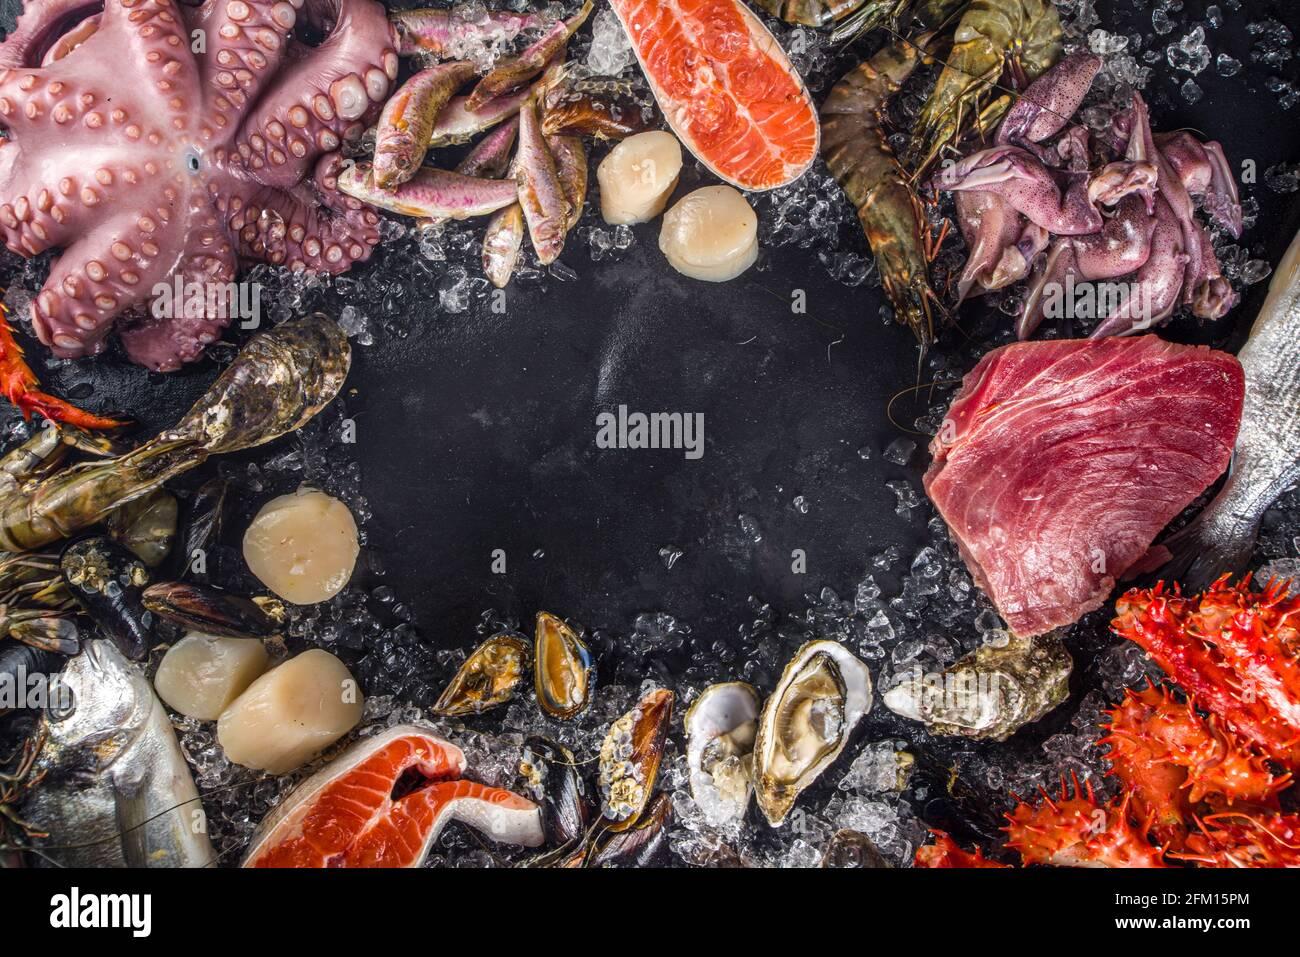 Ensemble de divers fruits de mer frais crus - pieuvre, crabe, calmar, crevettes, huître, moules, saumon thon dorada poisson avec épices d'herbes citron, dos noir Banque D'Images